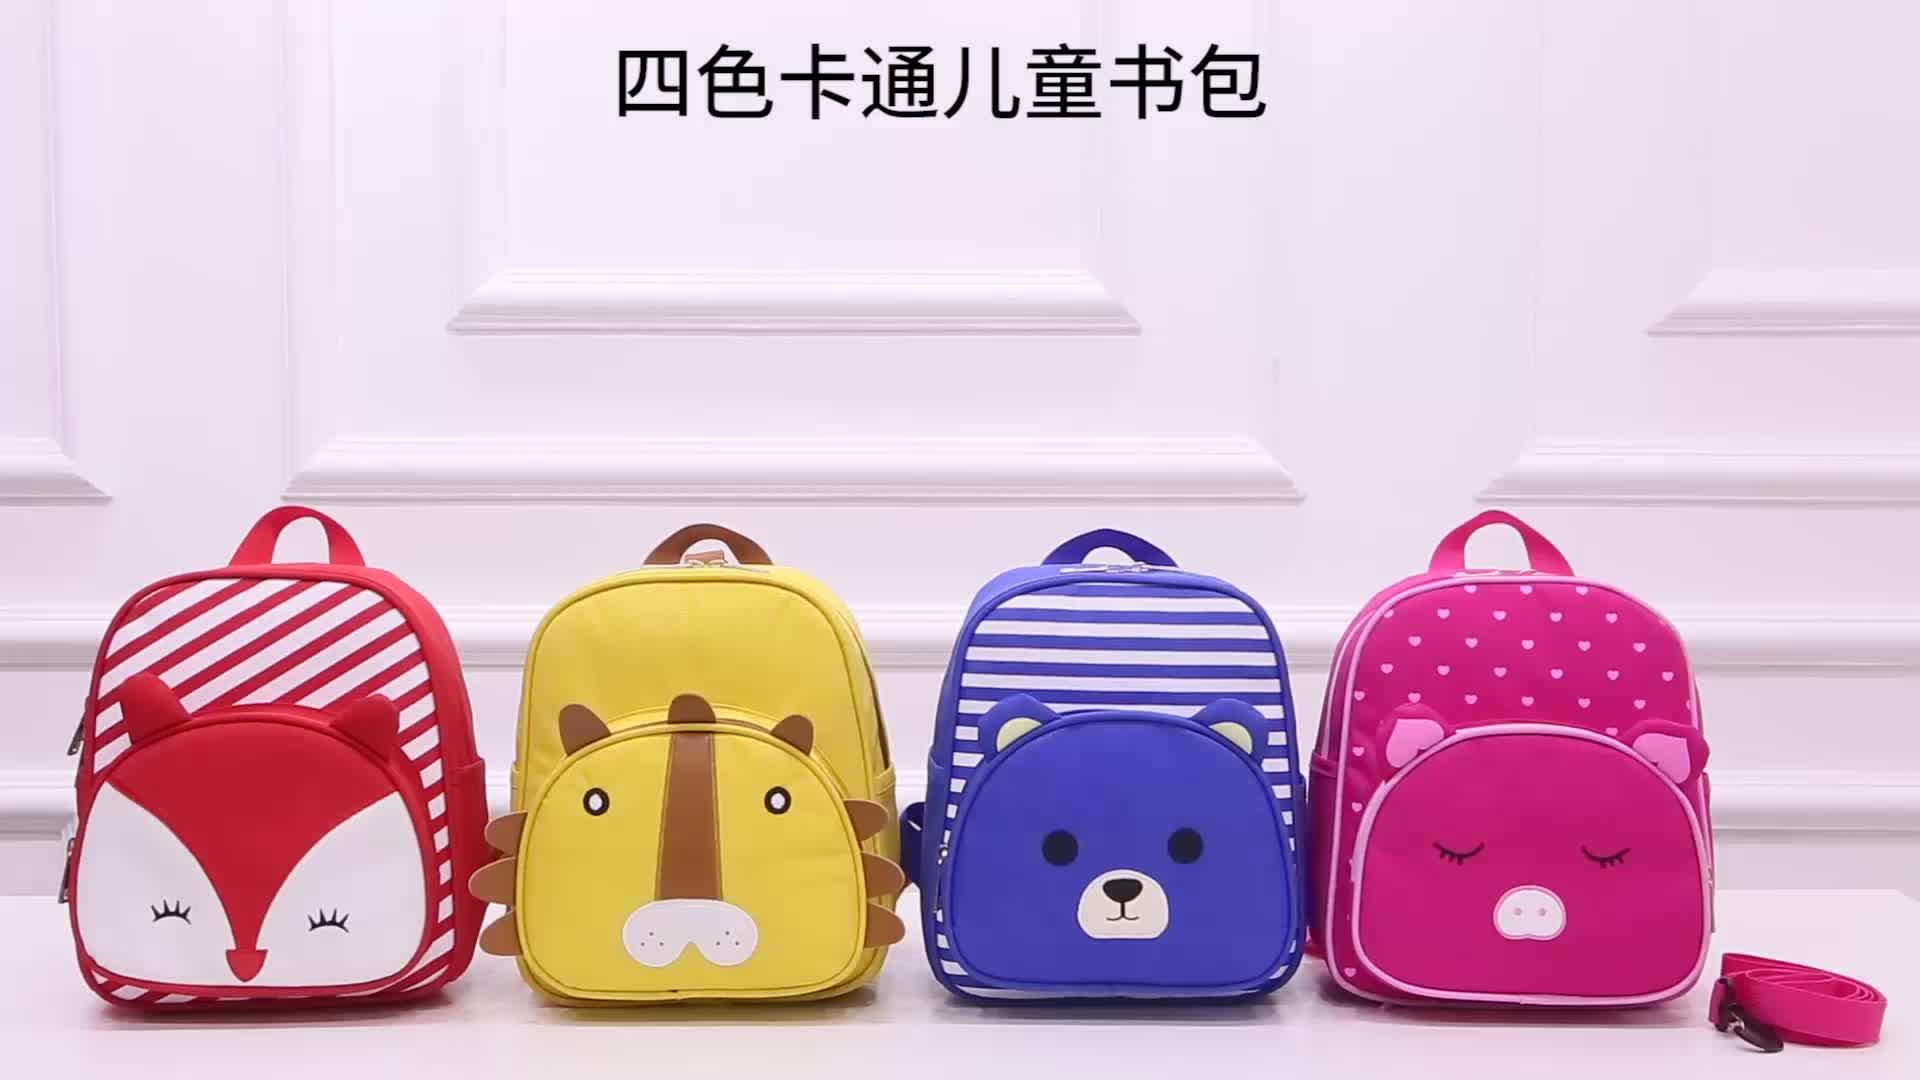 2020 Nuovo Stile di colore di diy bella 600d divertente sacchetti di scuola per le ragazze